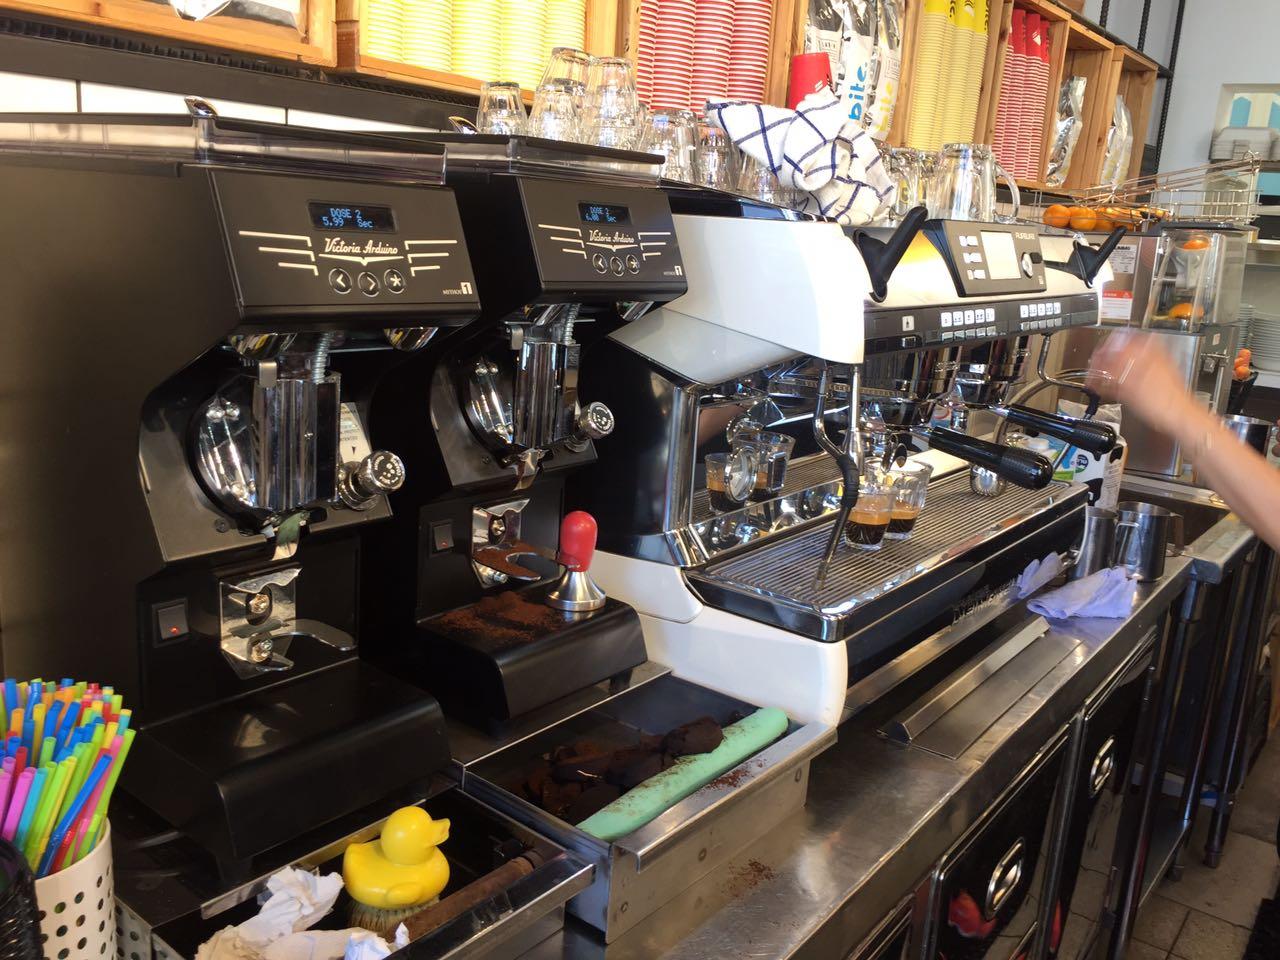 מכונות שהורכבו באיטליה במיוחד עבור הקפה